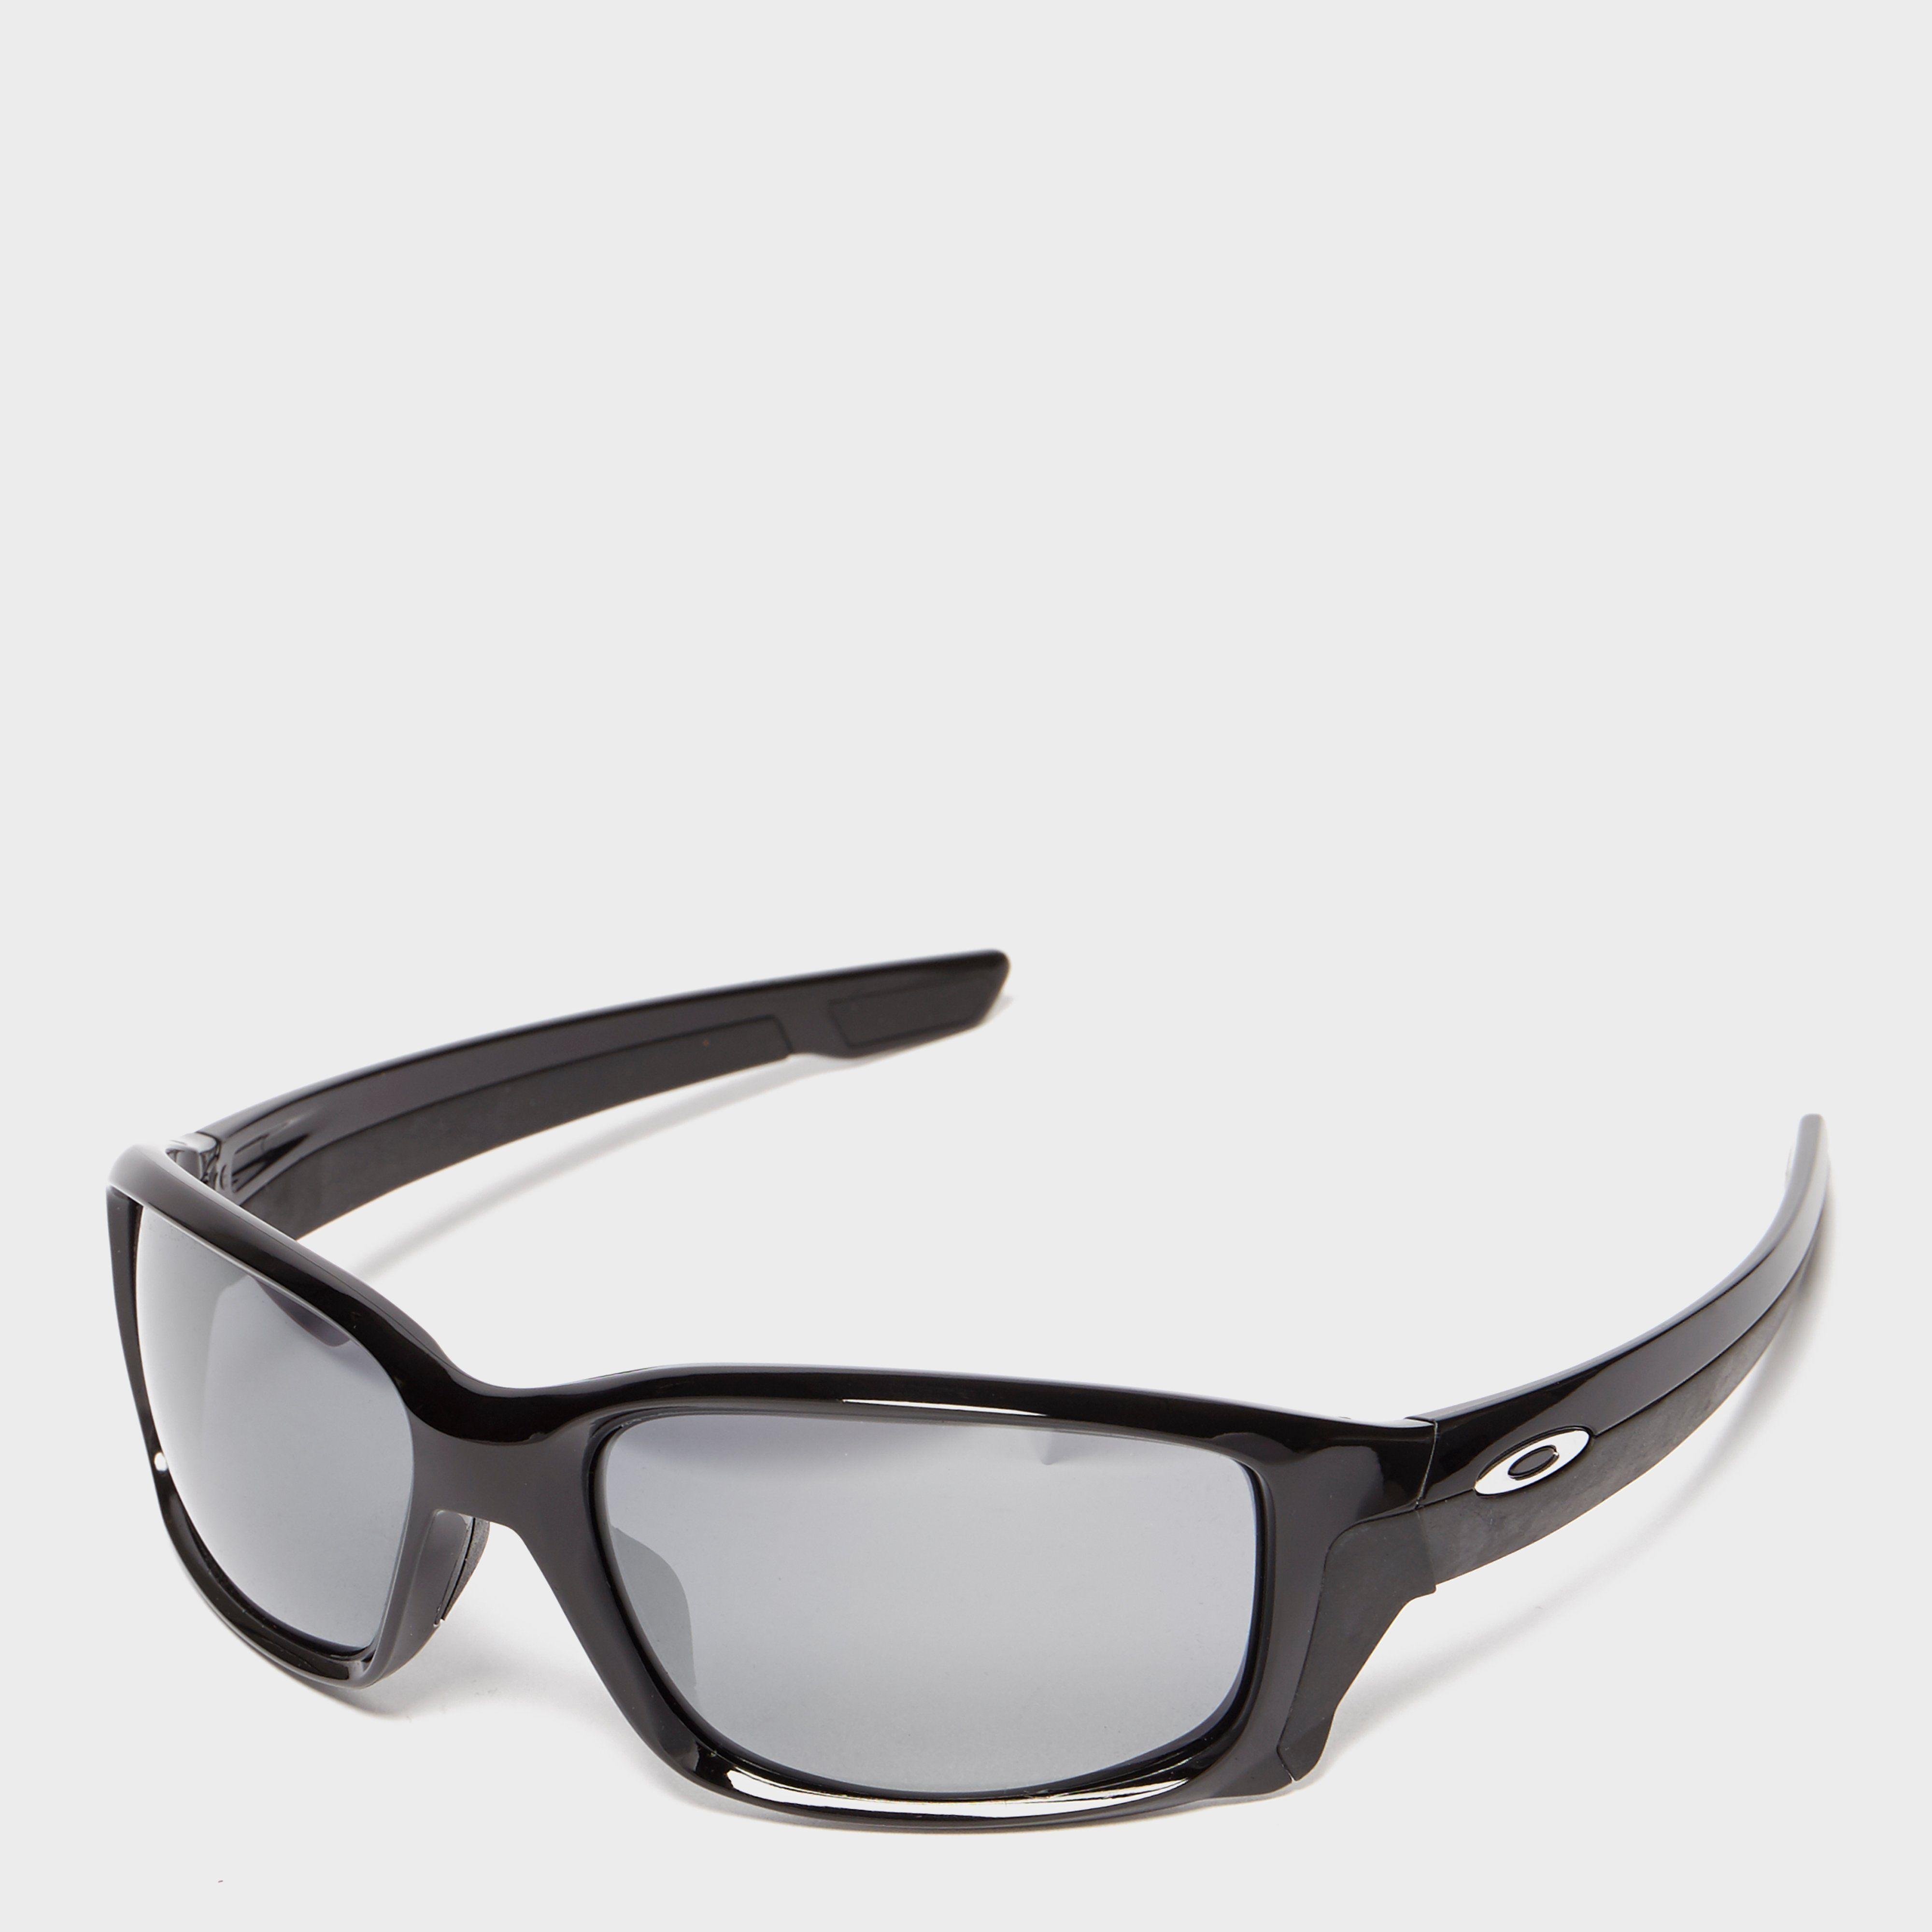 OAKLEY Straightlink™ Black Iridium Sunglasses